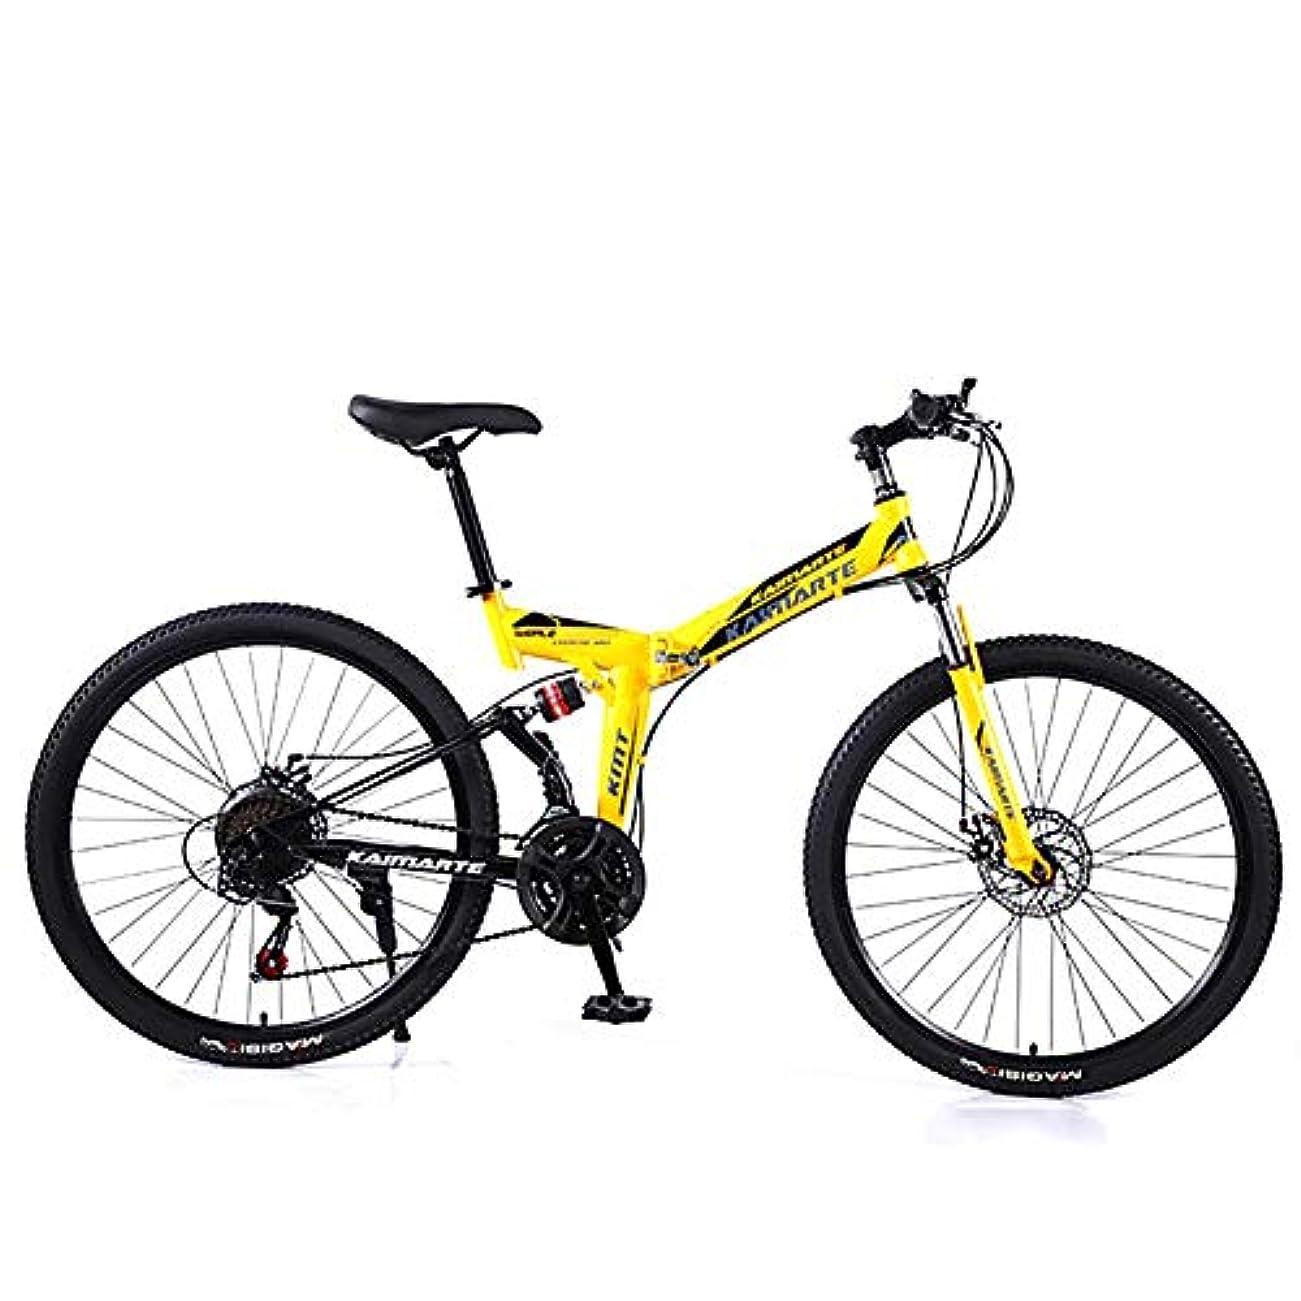 座標染料失敗自転車折りたたみ式マウンテンバイク24インチ21スピードダブルディスクブレーキ高炭素鋼衝撃吸収フレームスポーツレジャー男性と女性の自転車